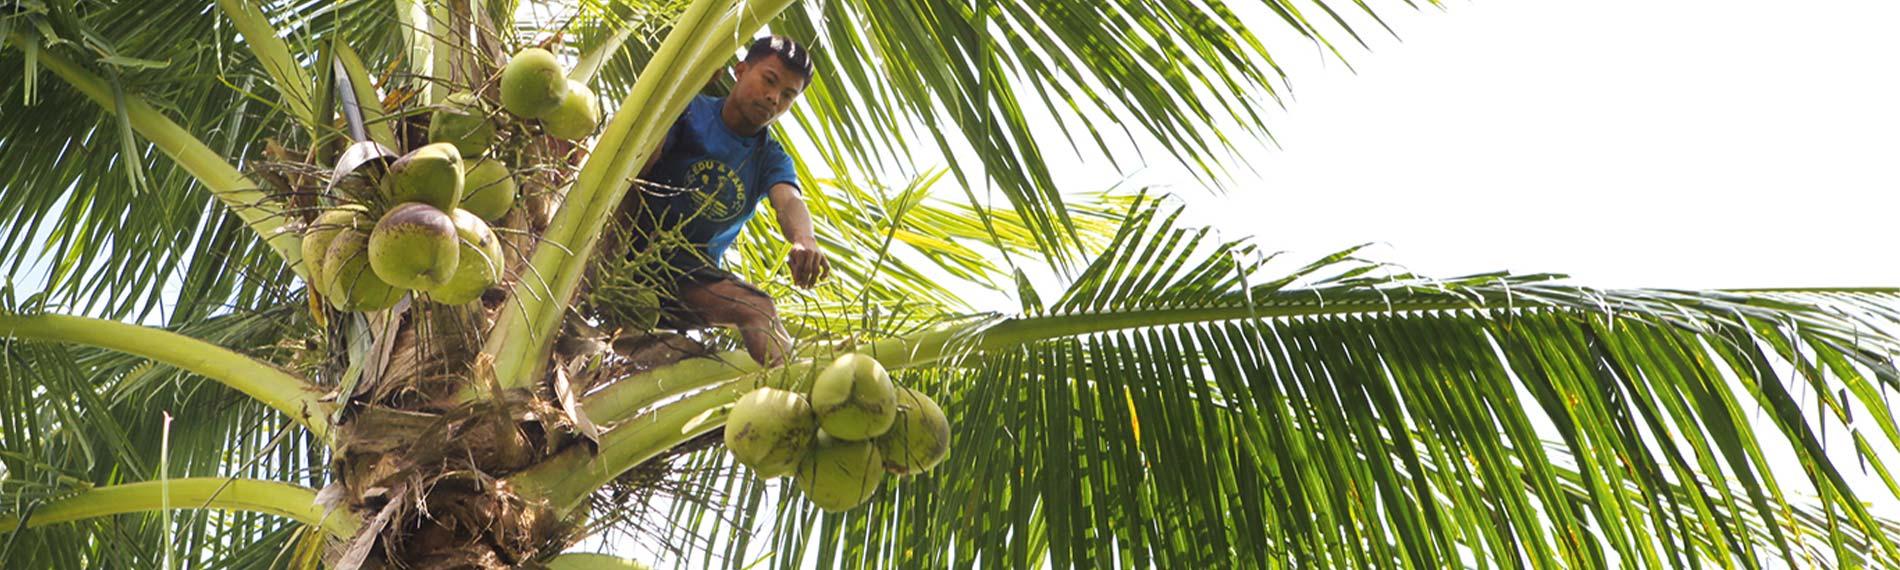 Erfahren Sie hier alles über die Kokospalme!